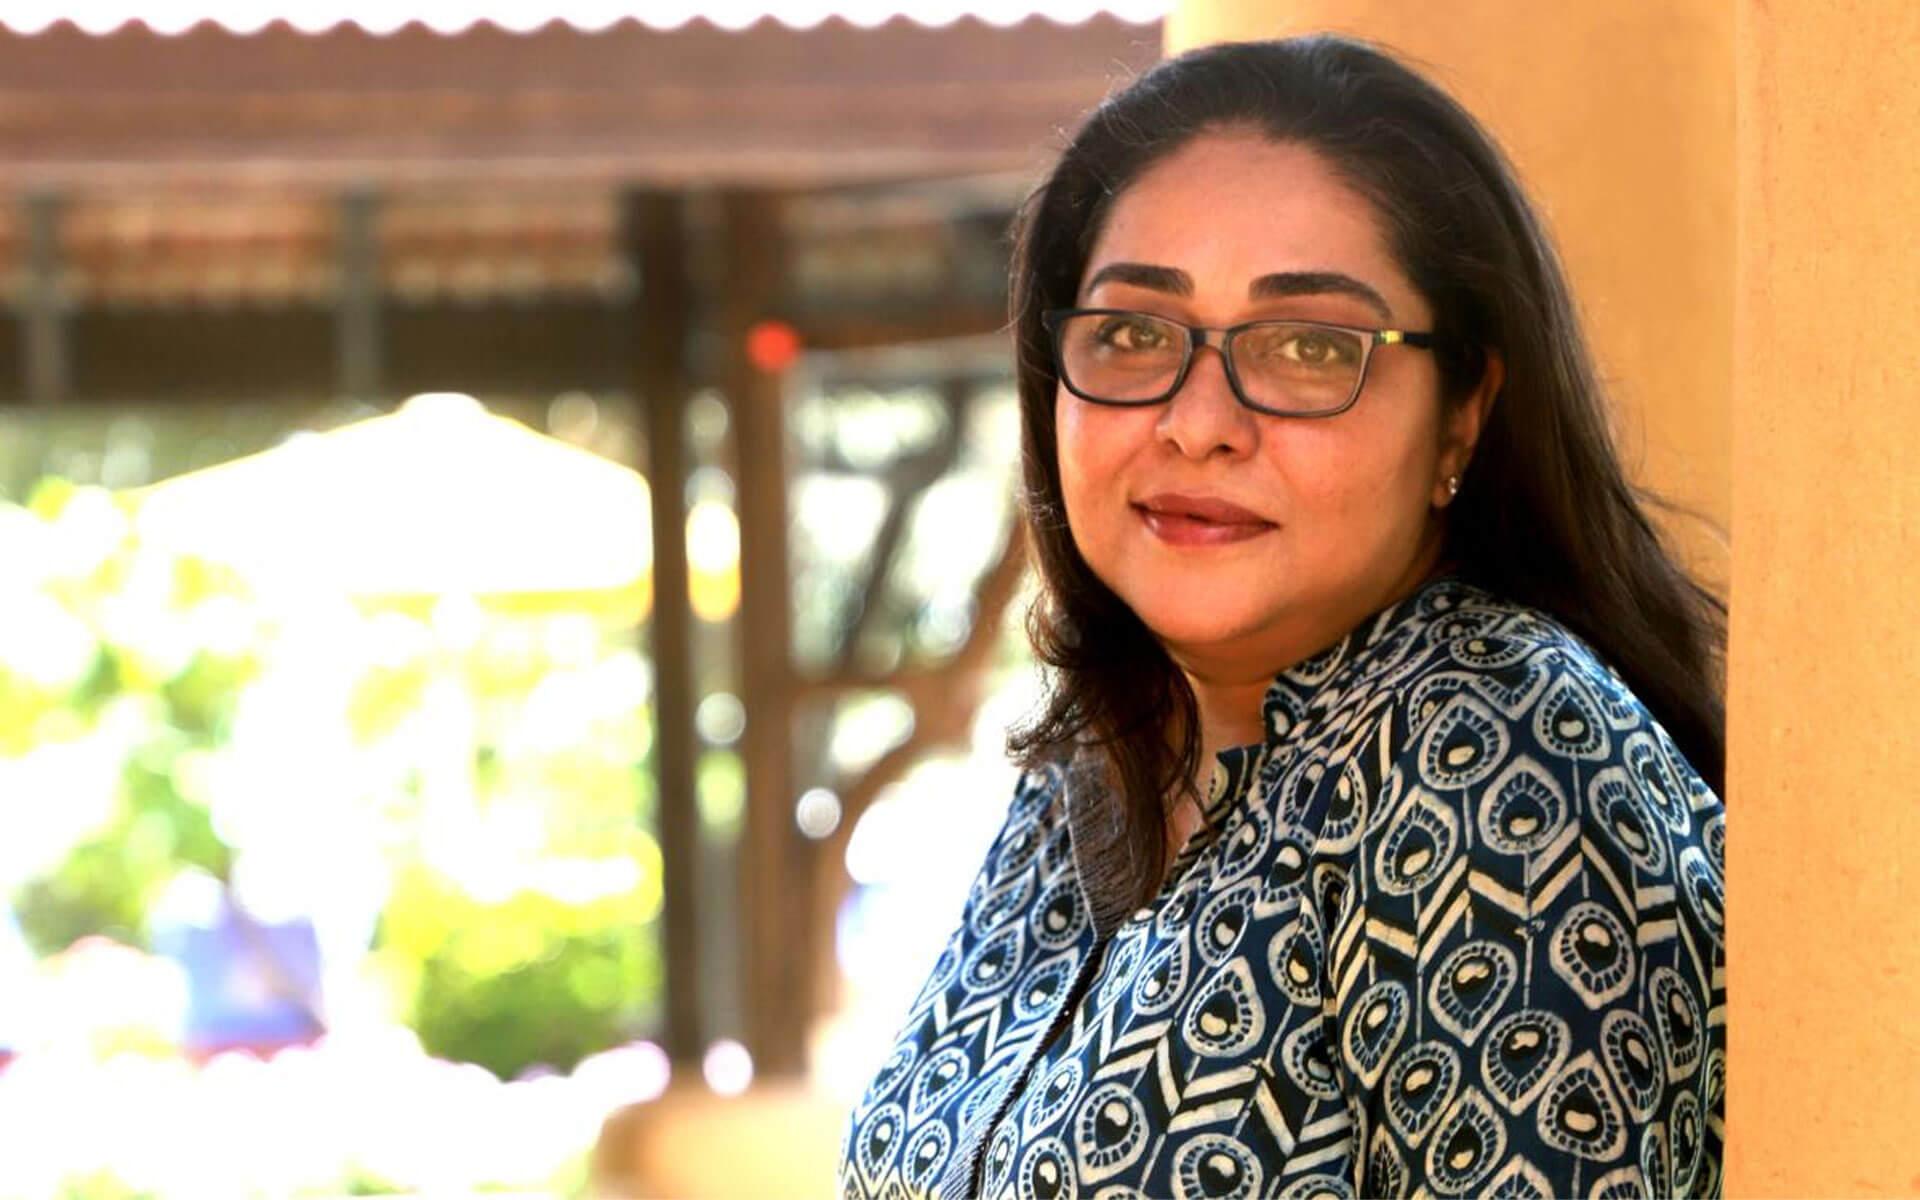 Meghna Gulzar